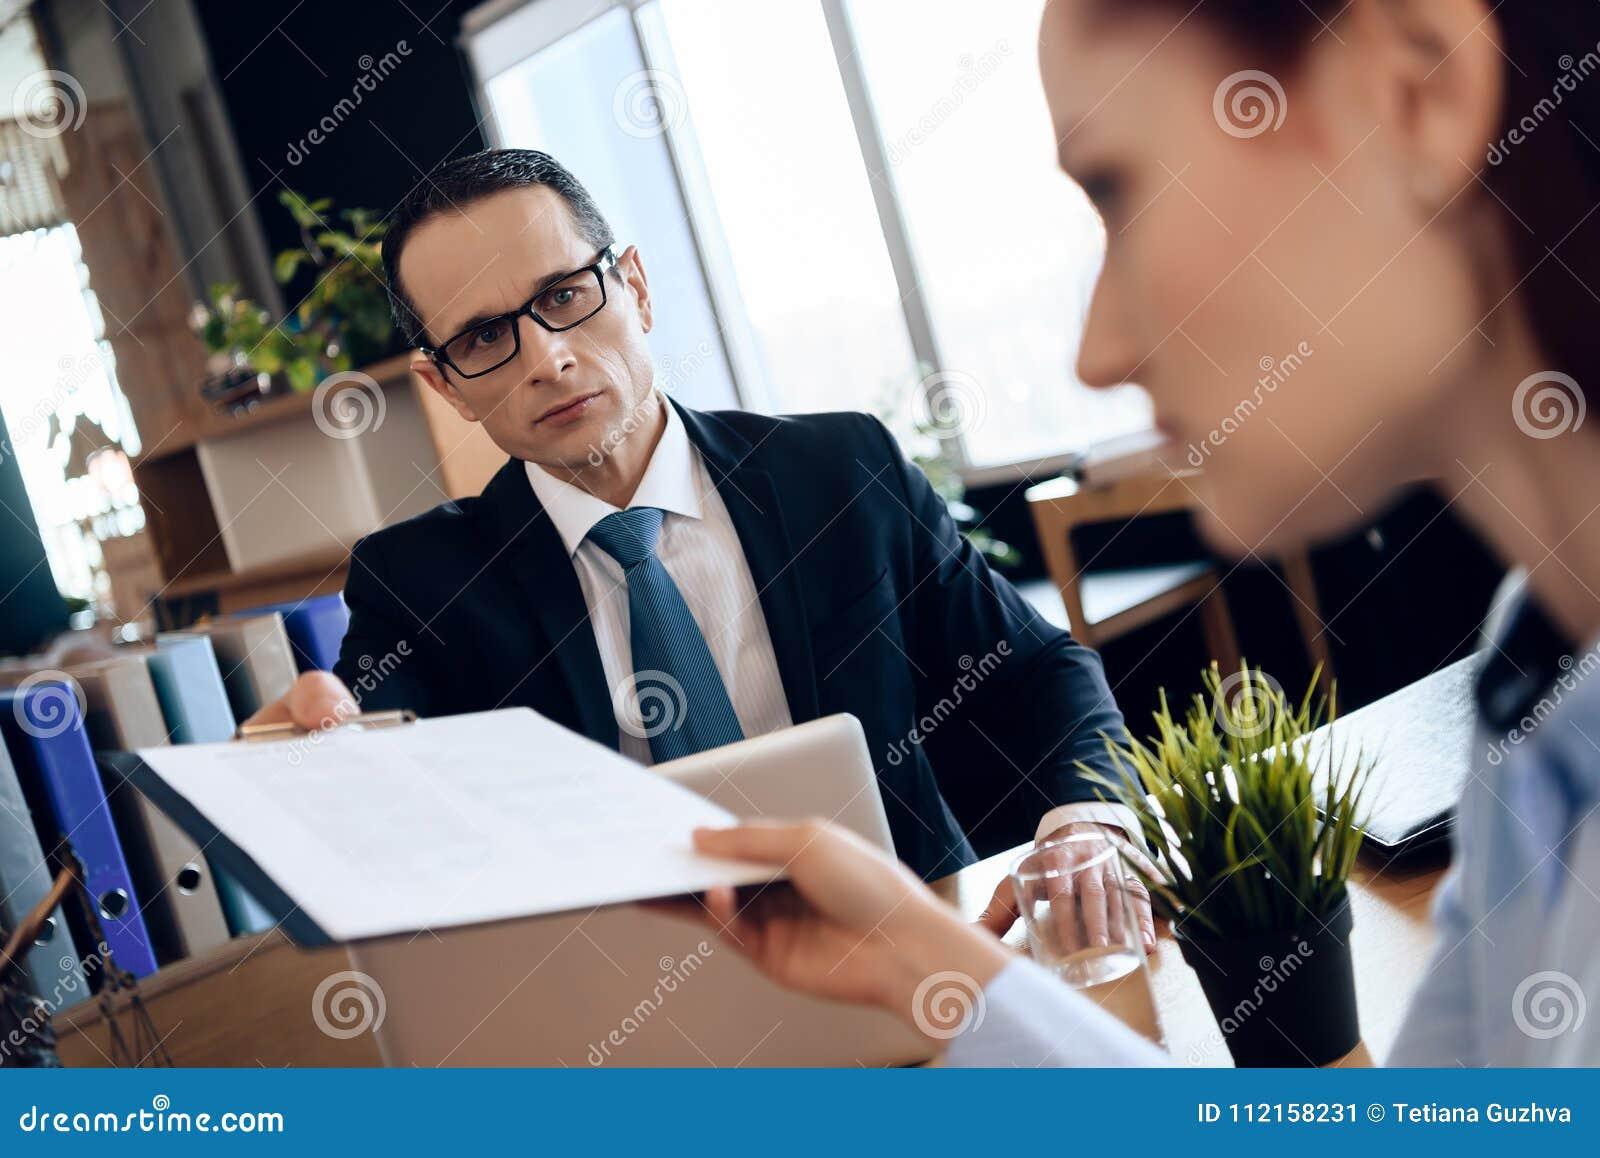 Супруг и жена подписывают поселение развода Пары идя через бумаги подписания развода